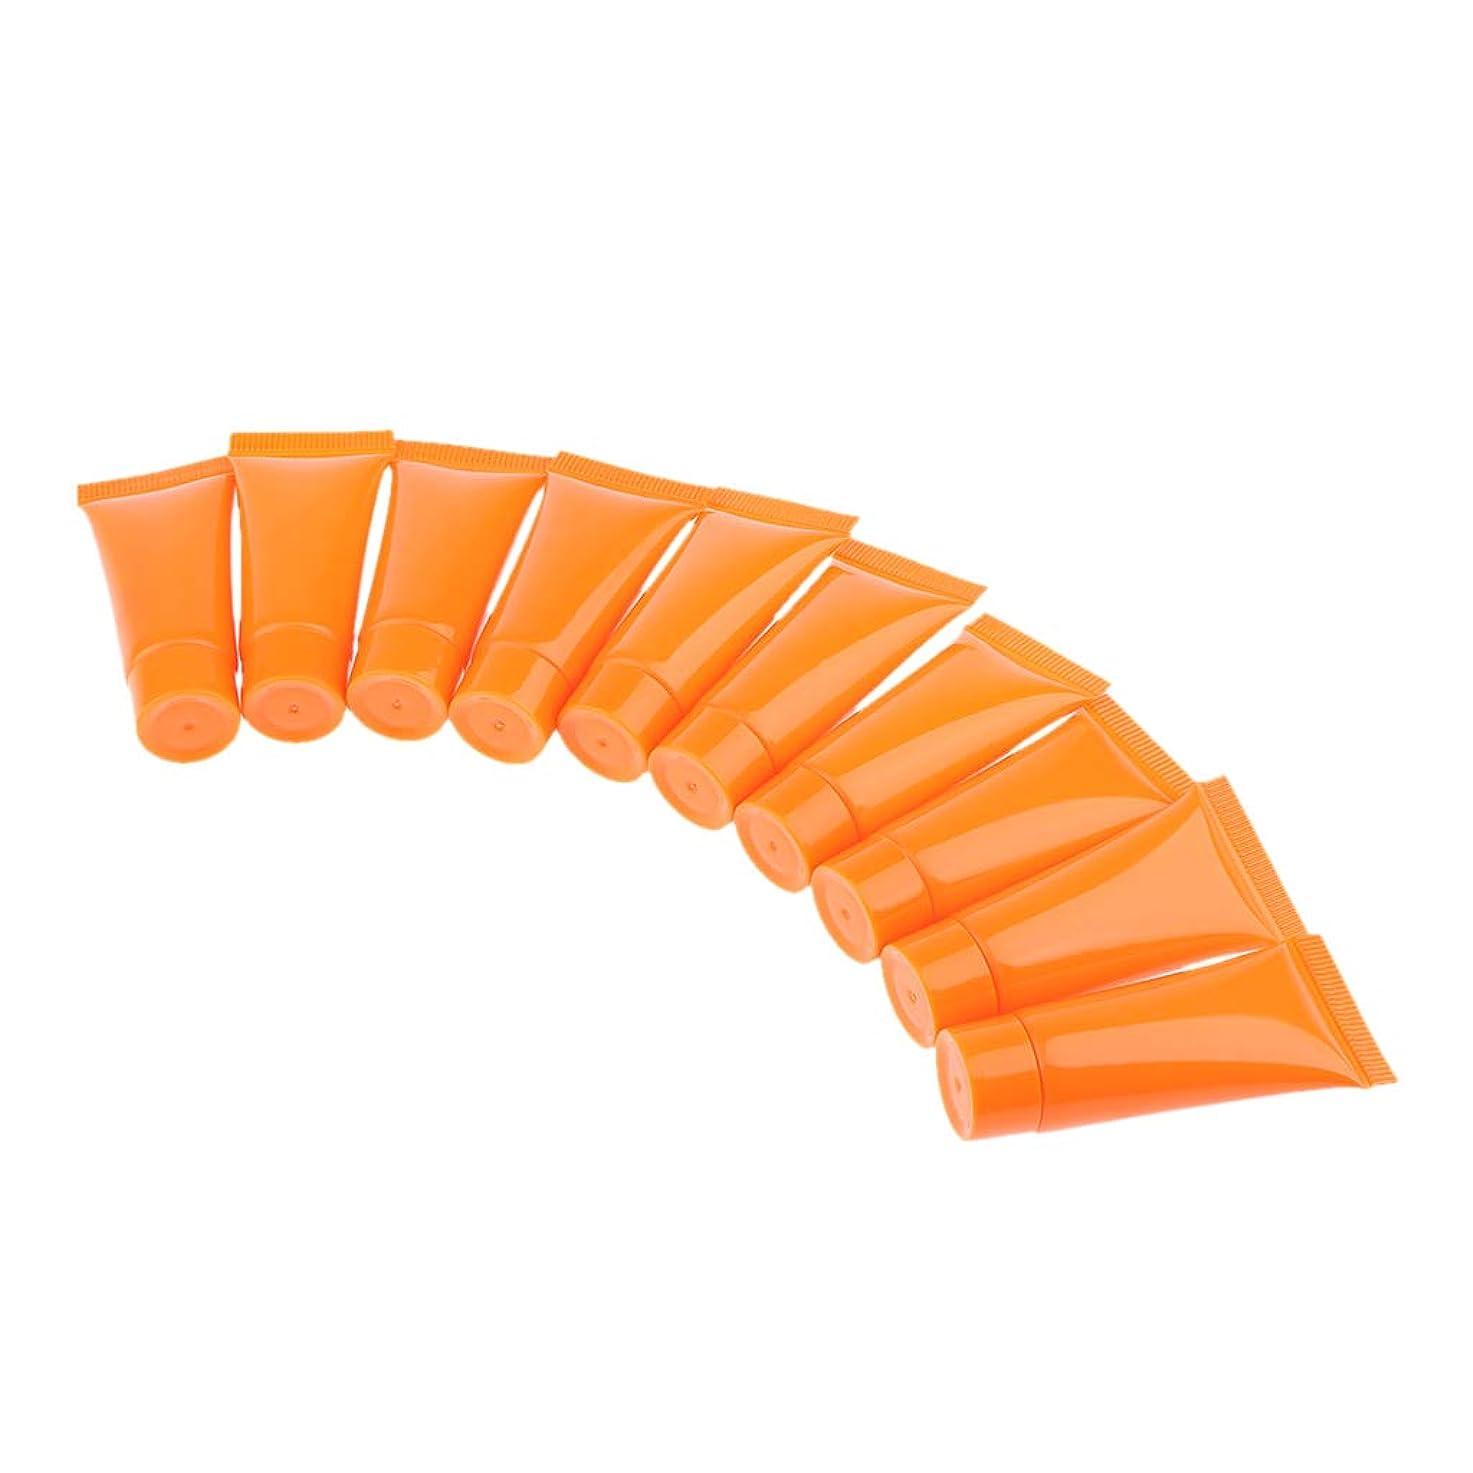 徹底的に心からフィットネスB Blesiya 10個 メイクアップ 化粧品チューブ ローション クリーム  再利用可 エコ 3色選べ - オレンジ